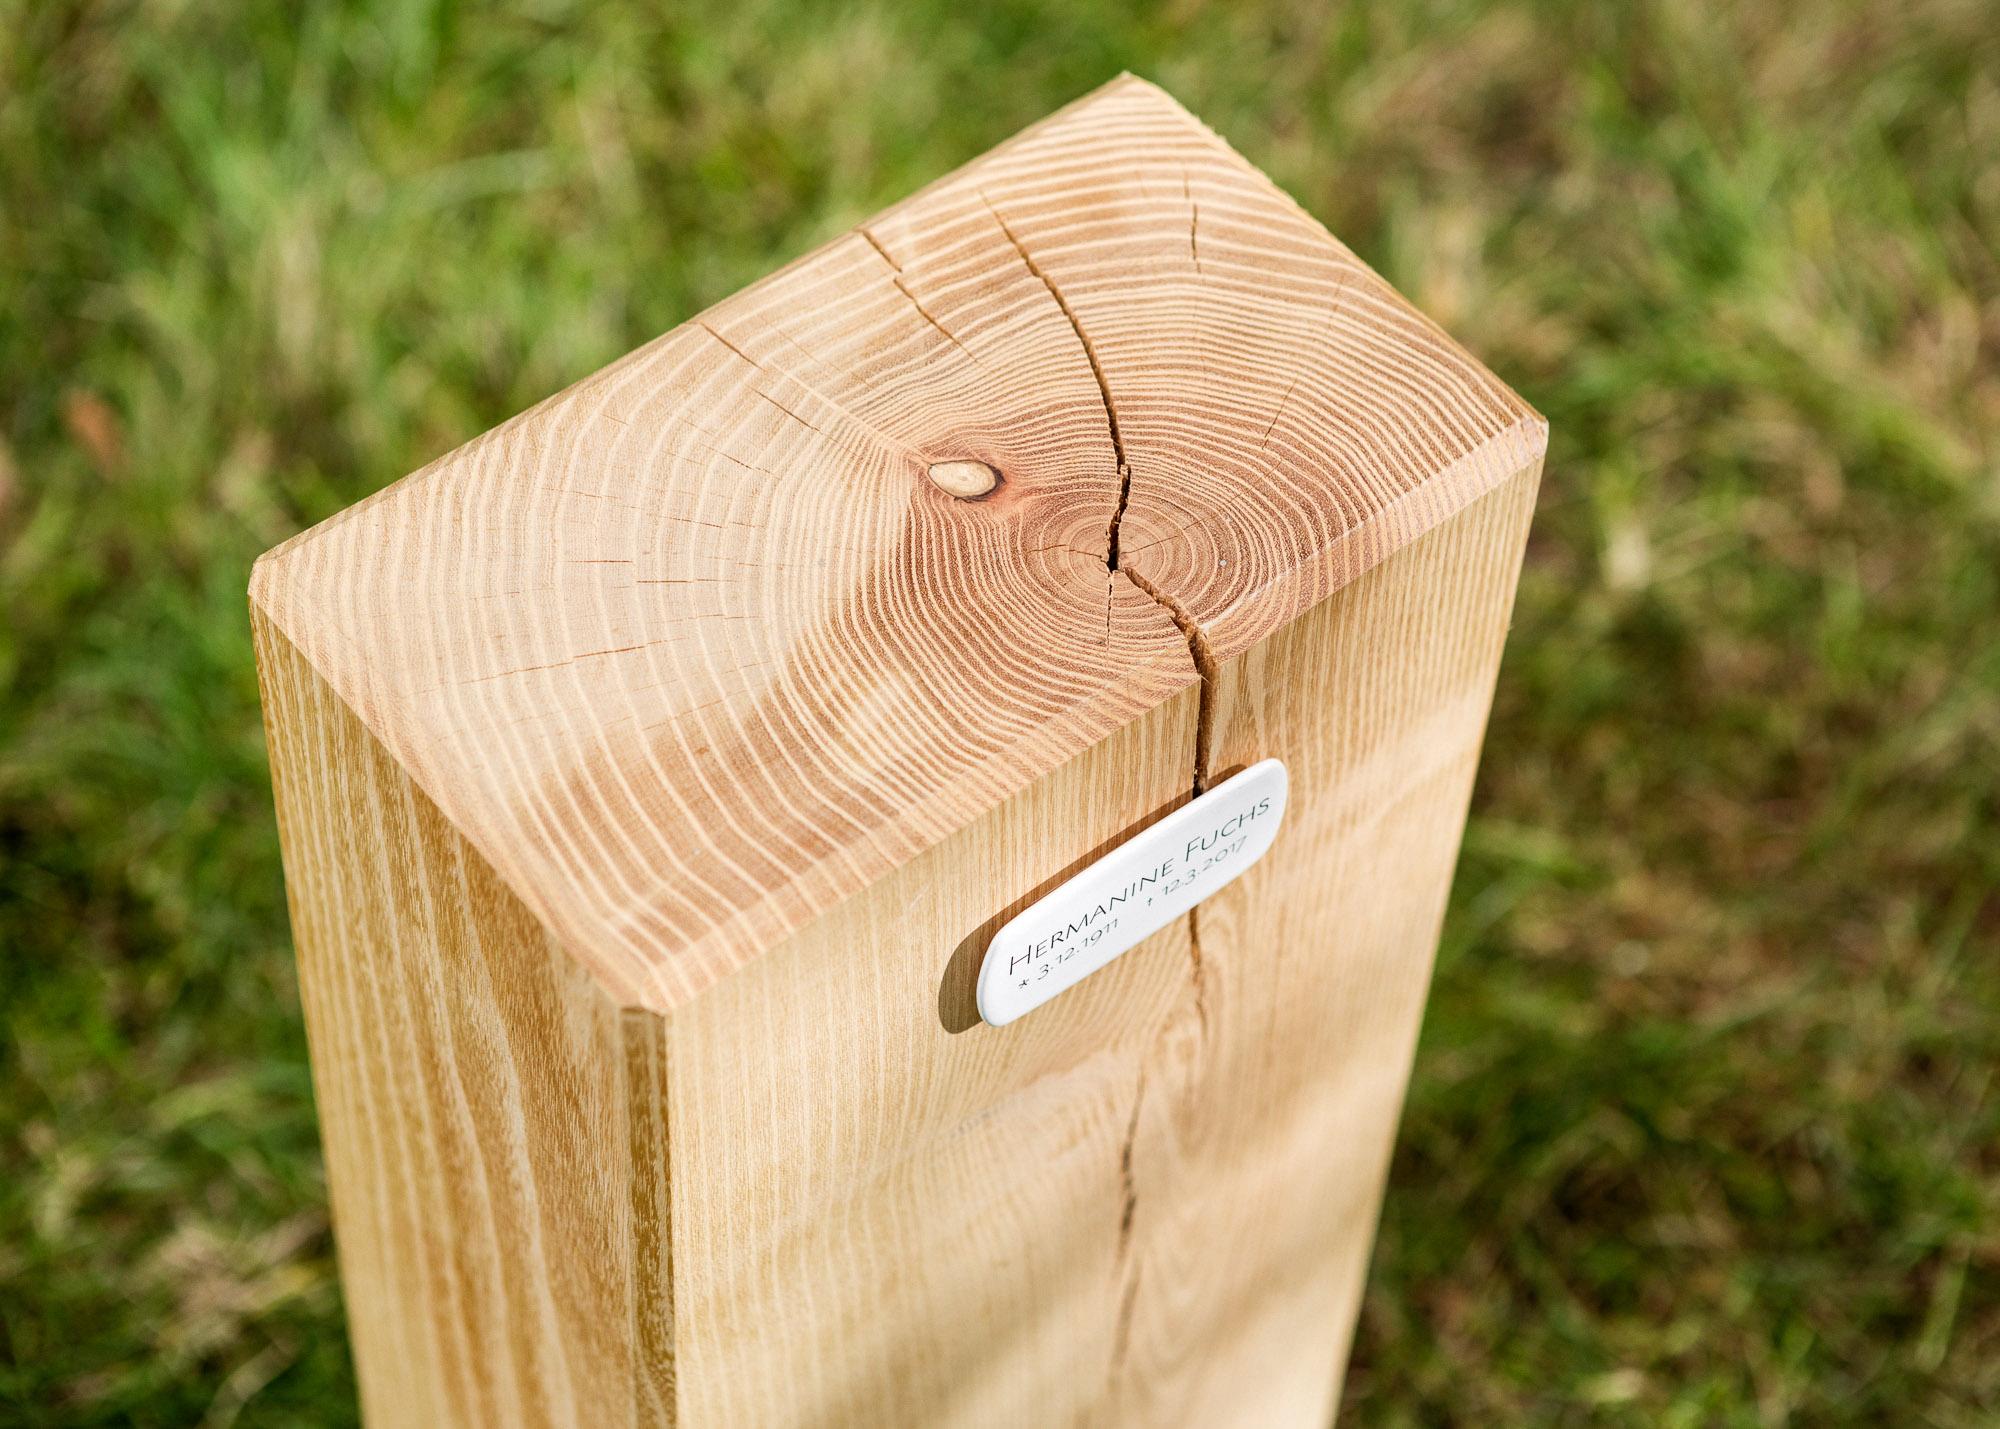 Holzblock mit Emailleschild als Alternative zum Grabstein für Einzelgrabstellen